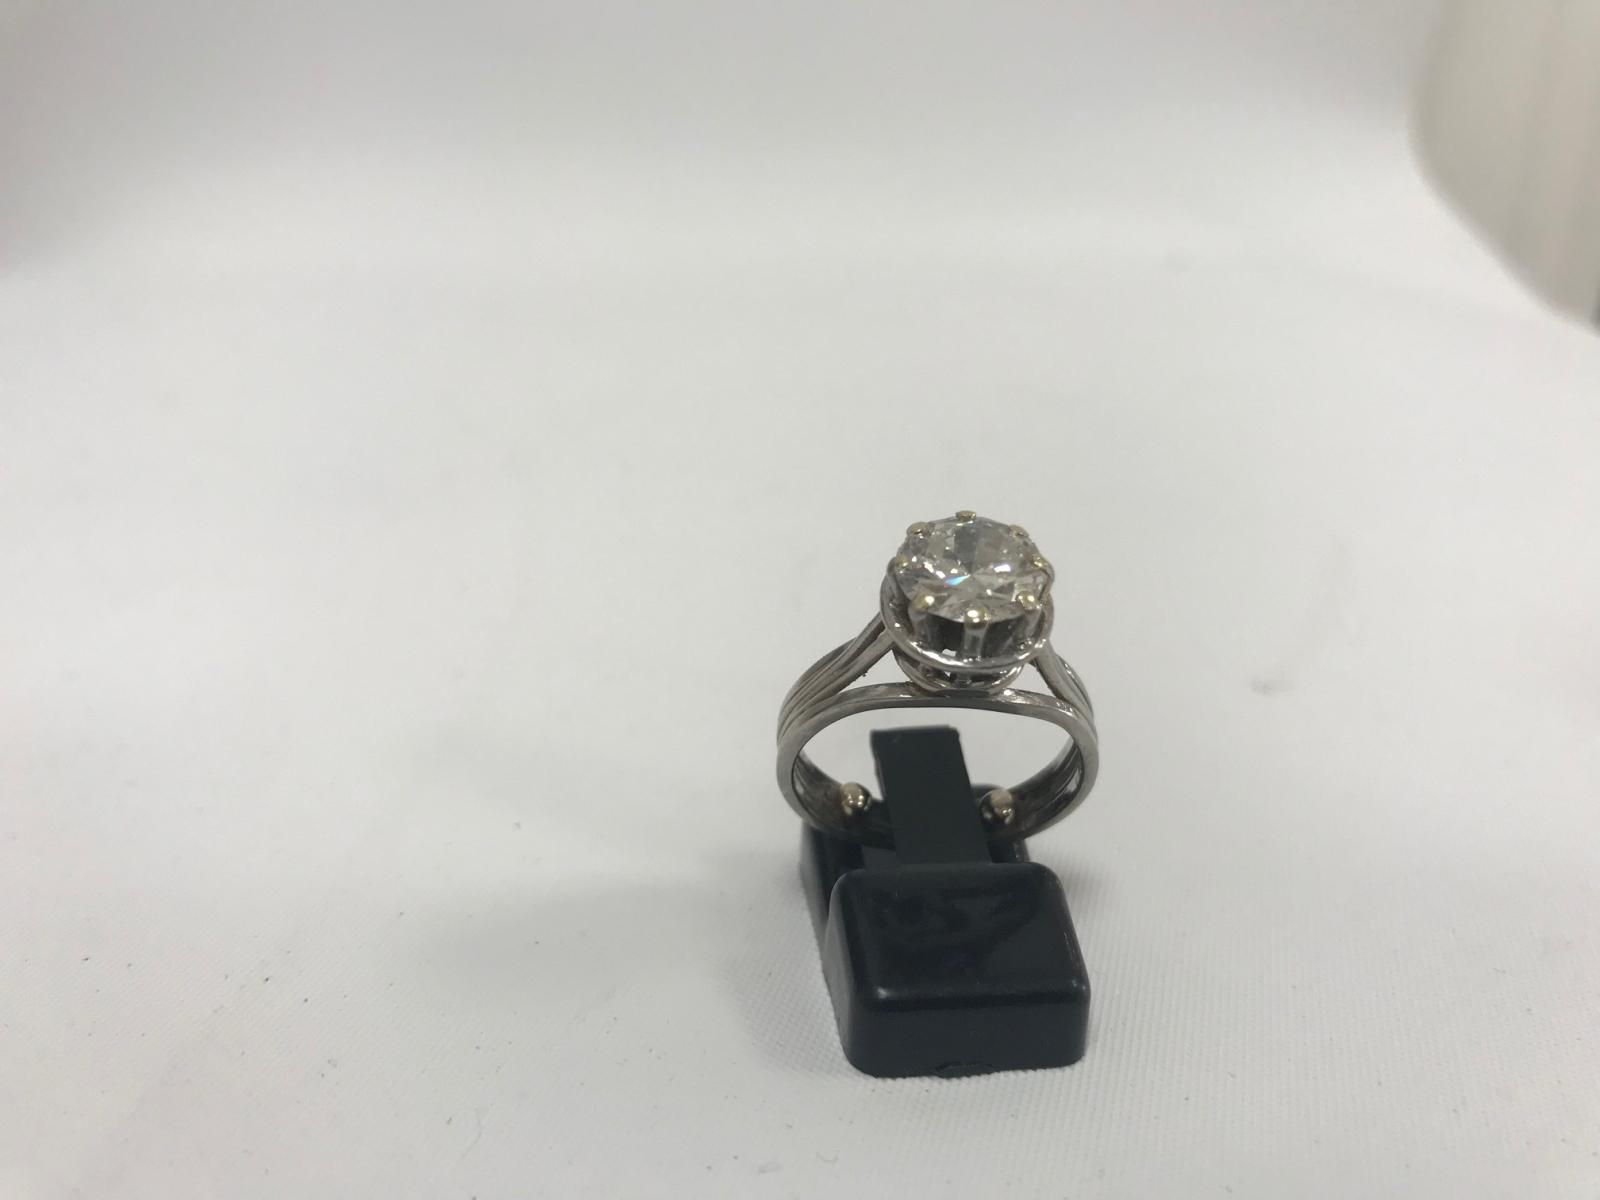 30-1 Bague solitaire en or gris sertie d'un diamant de taille moderne d'environ 2cts. Adjugé 2900€